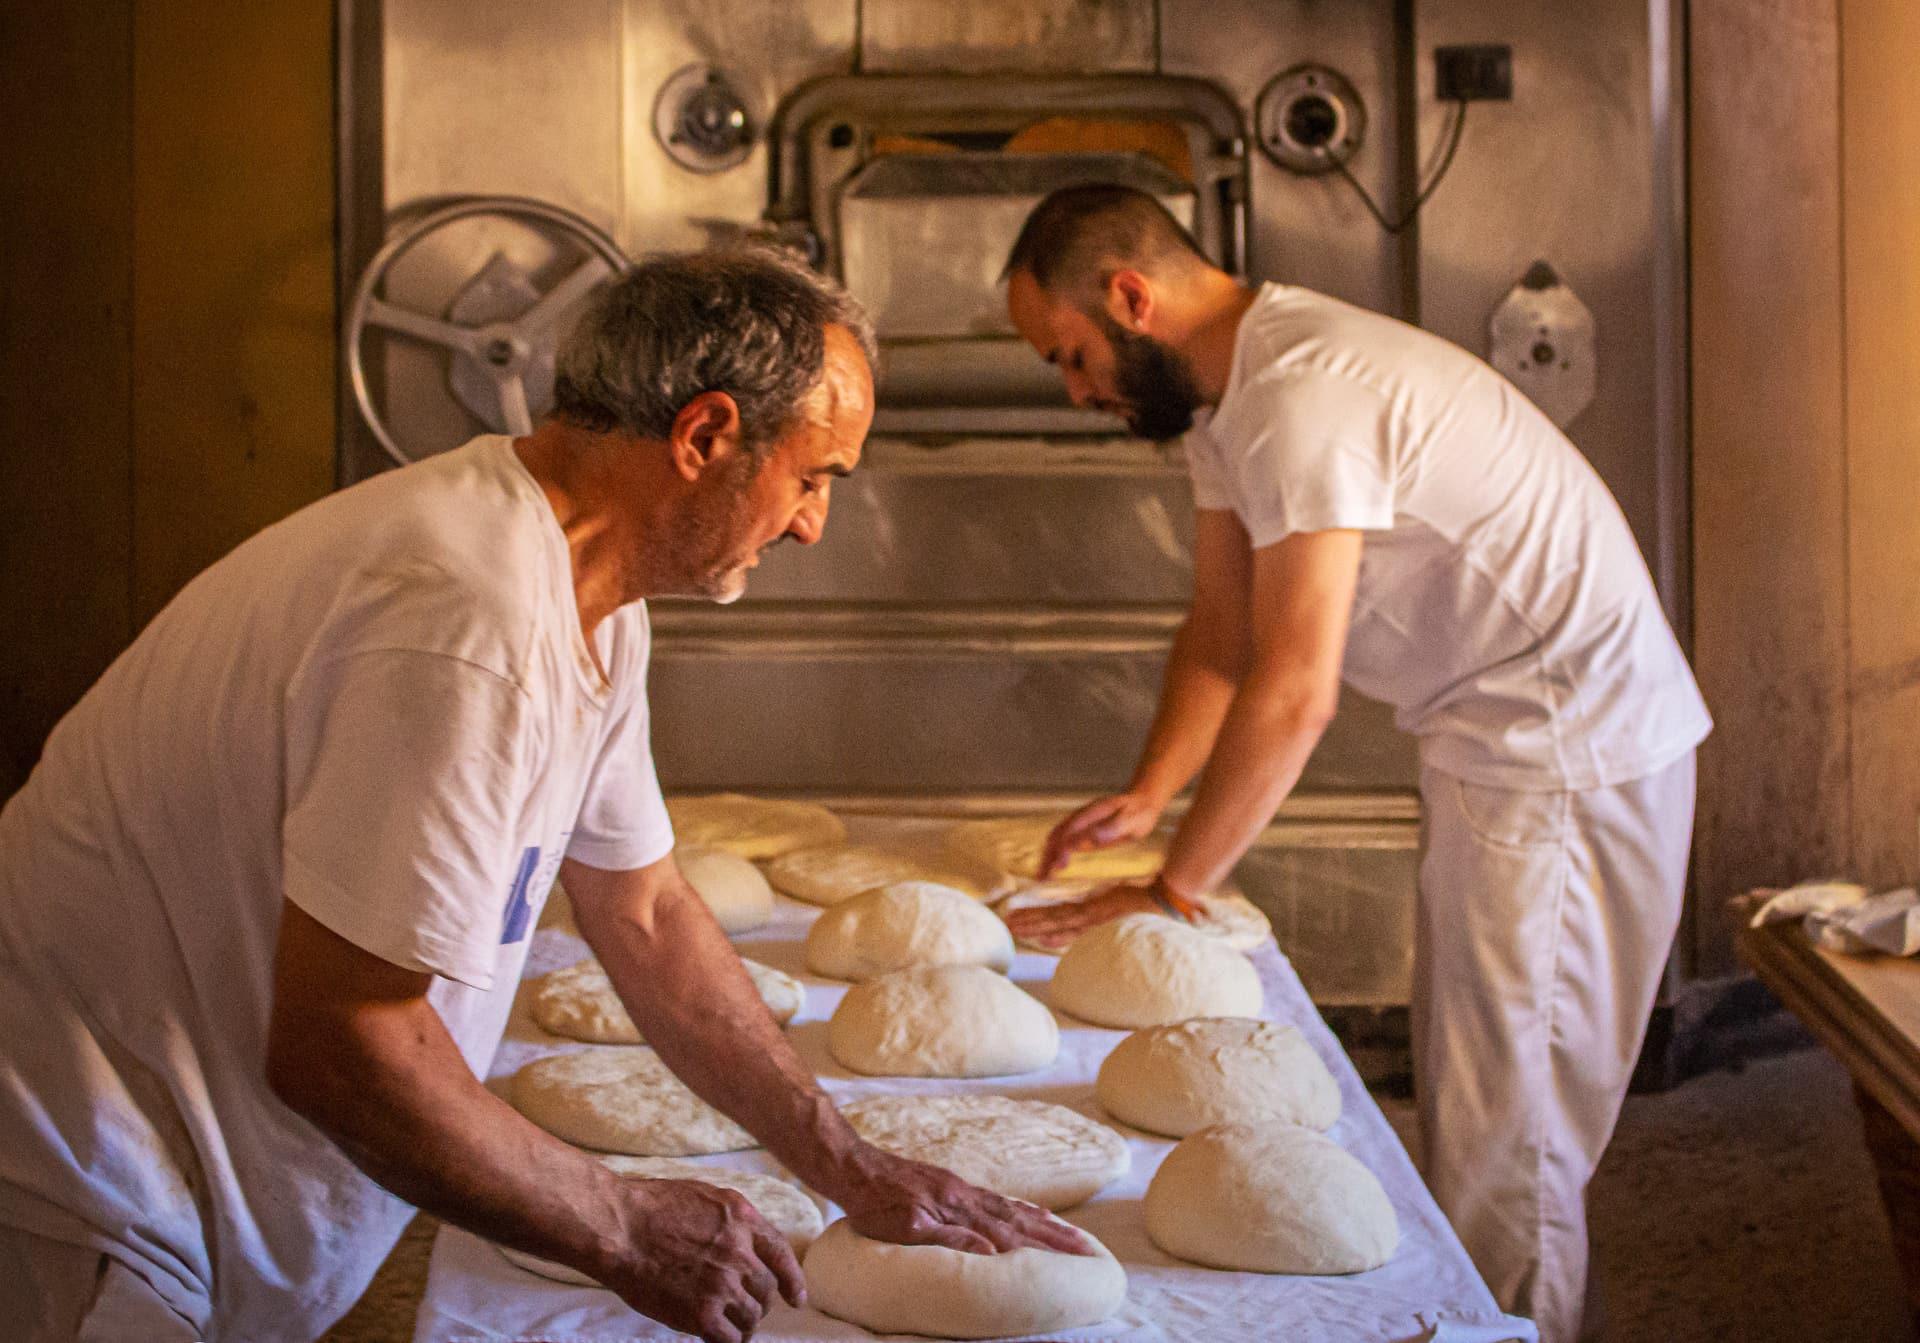 de_leillavente_pMoisés y su hijo elaborando pan de Léon en la panadería Villavente